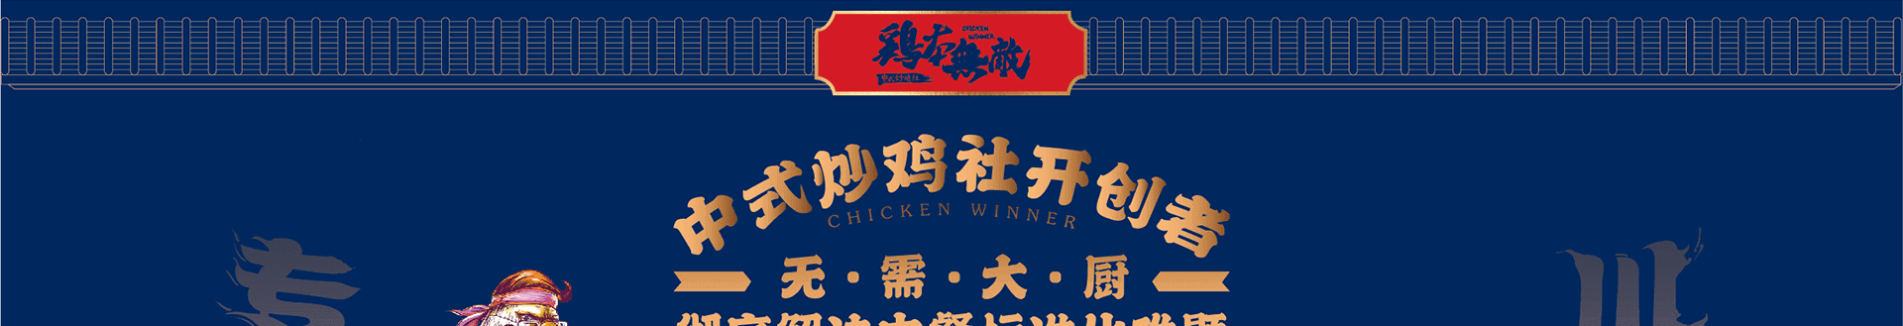 鸡本无敌海报